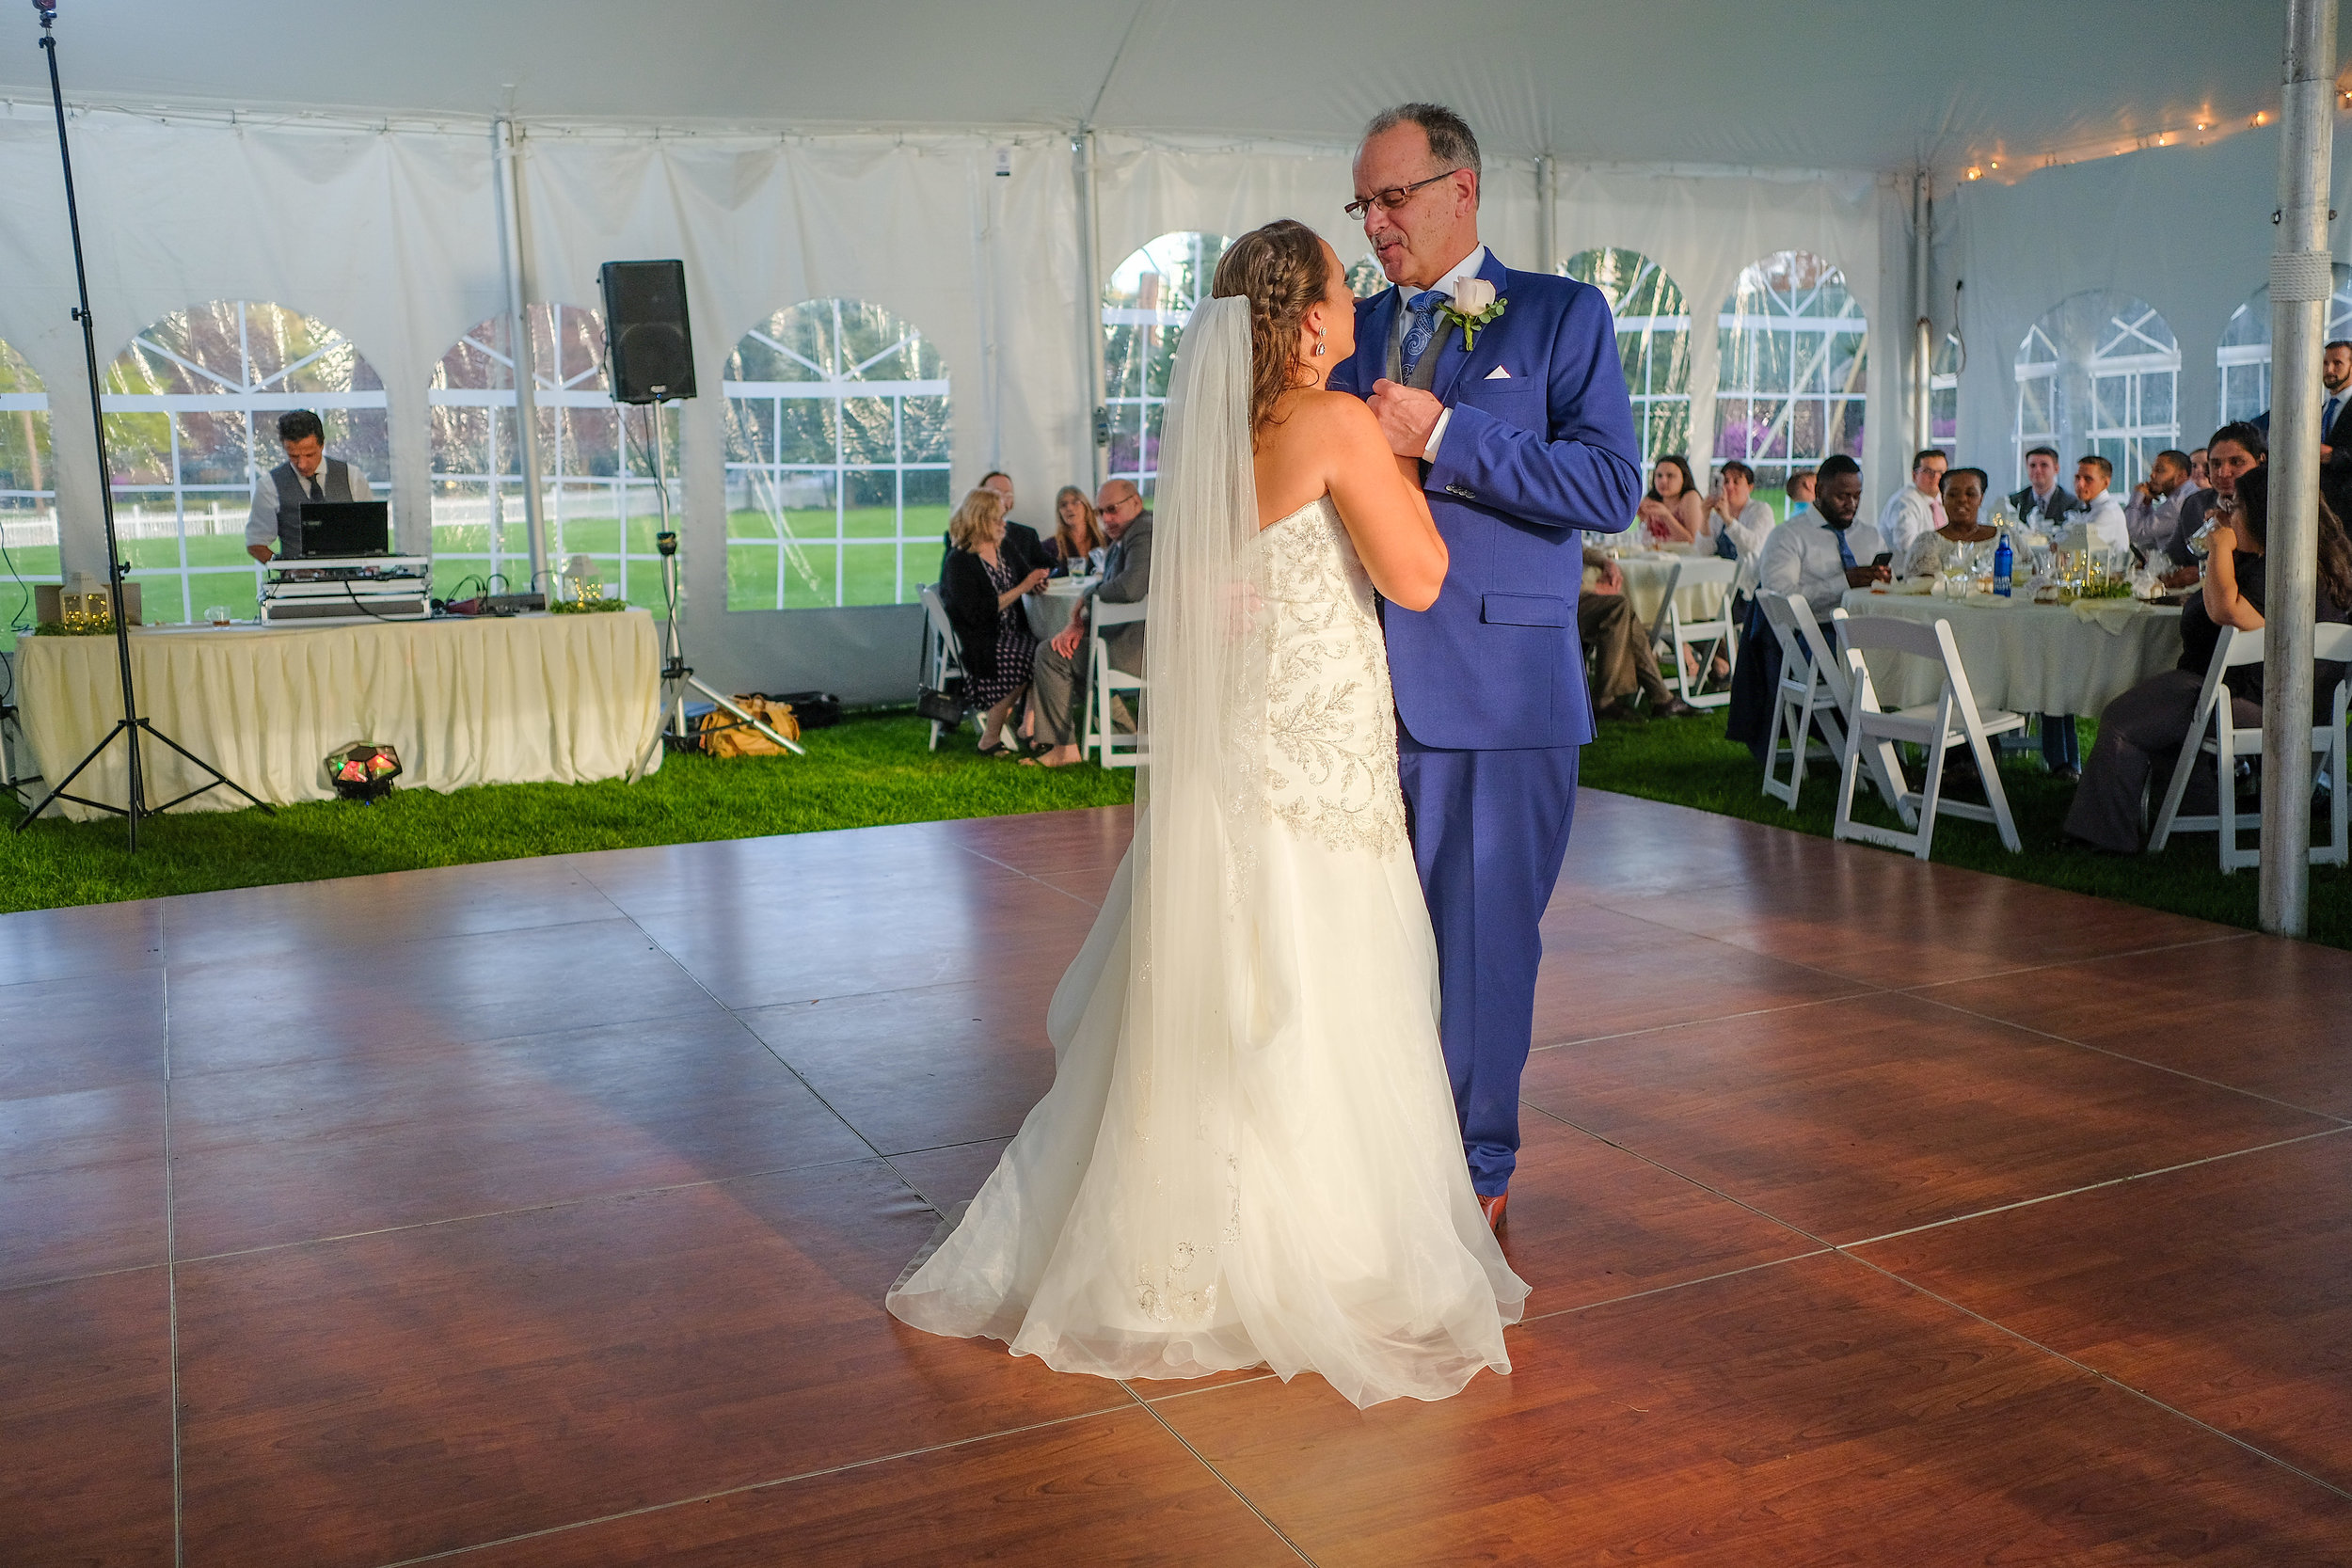 laconia-margate-wedding-photography-674.jpg